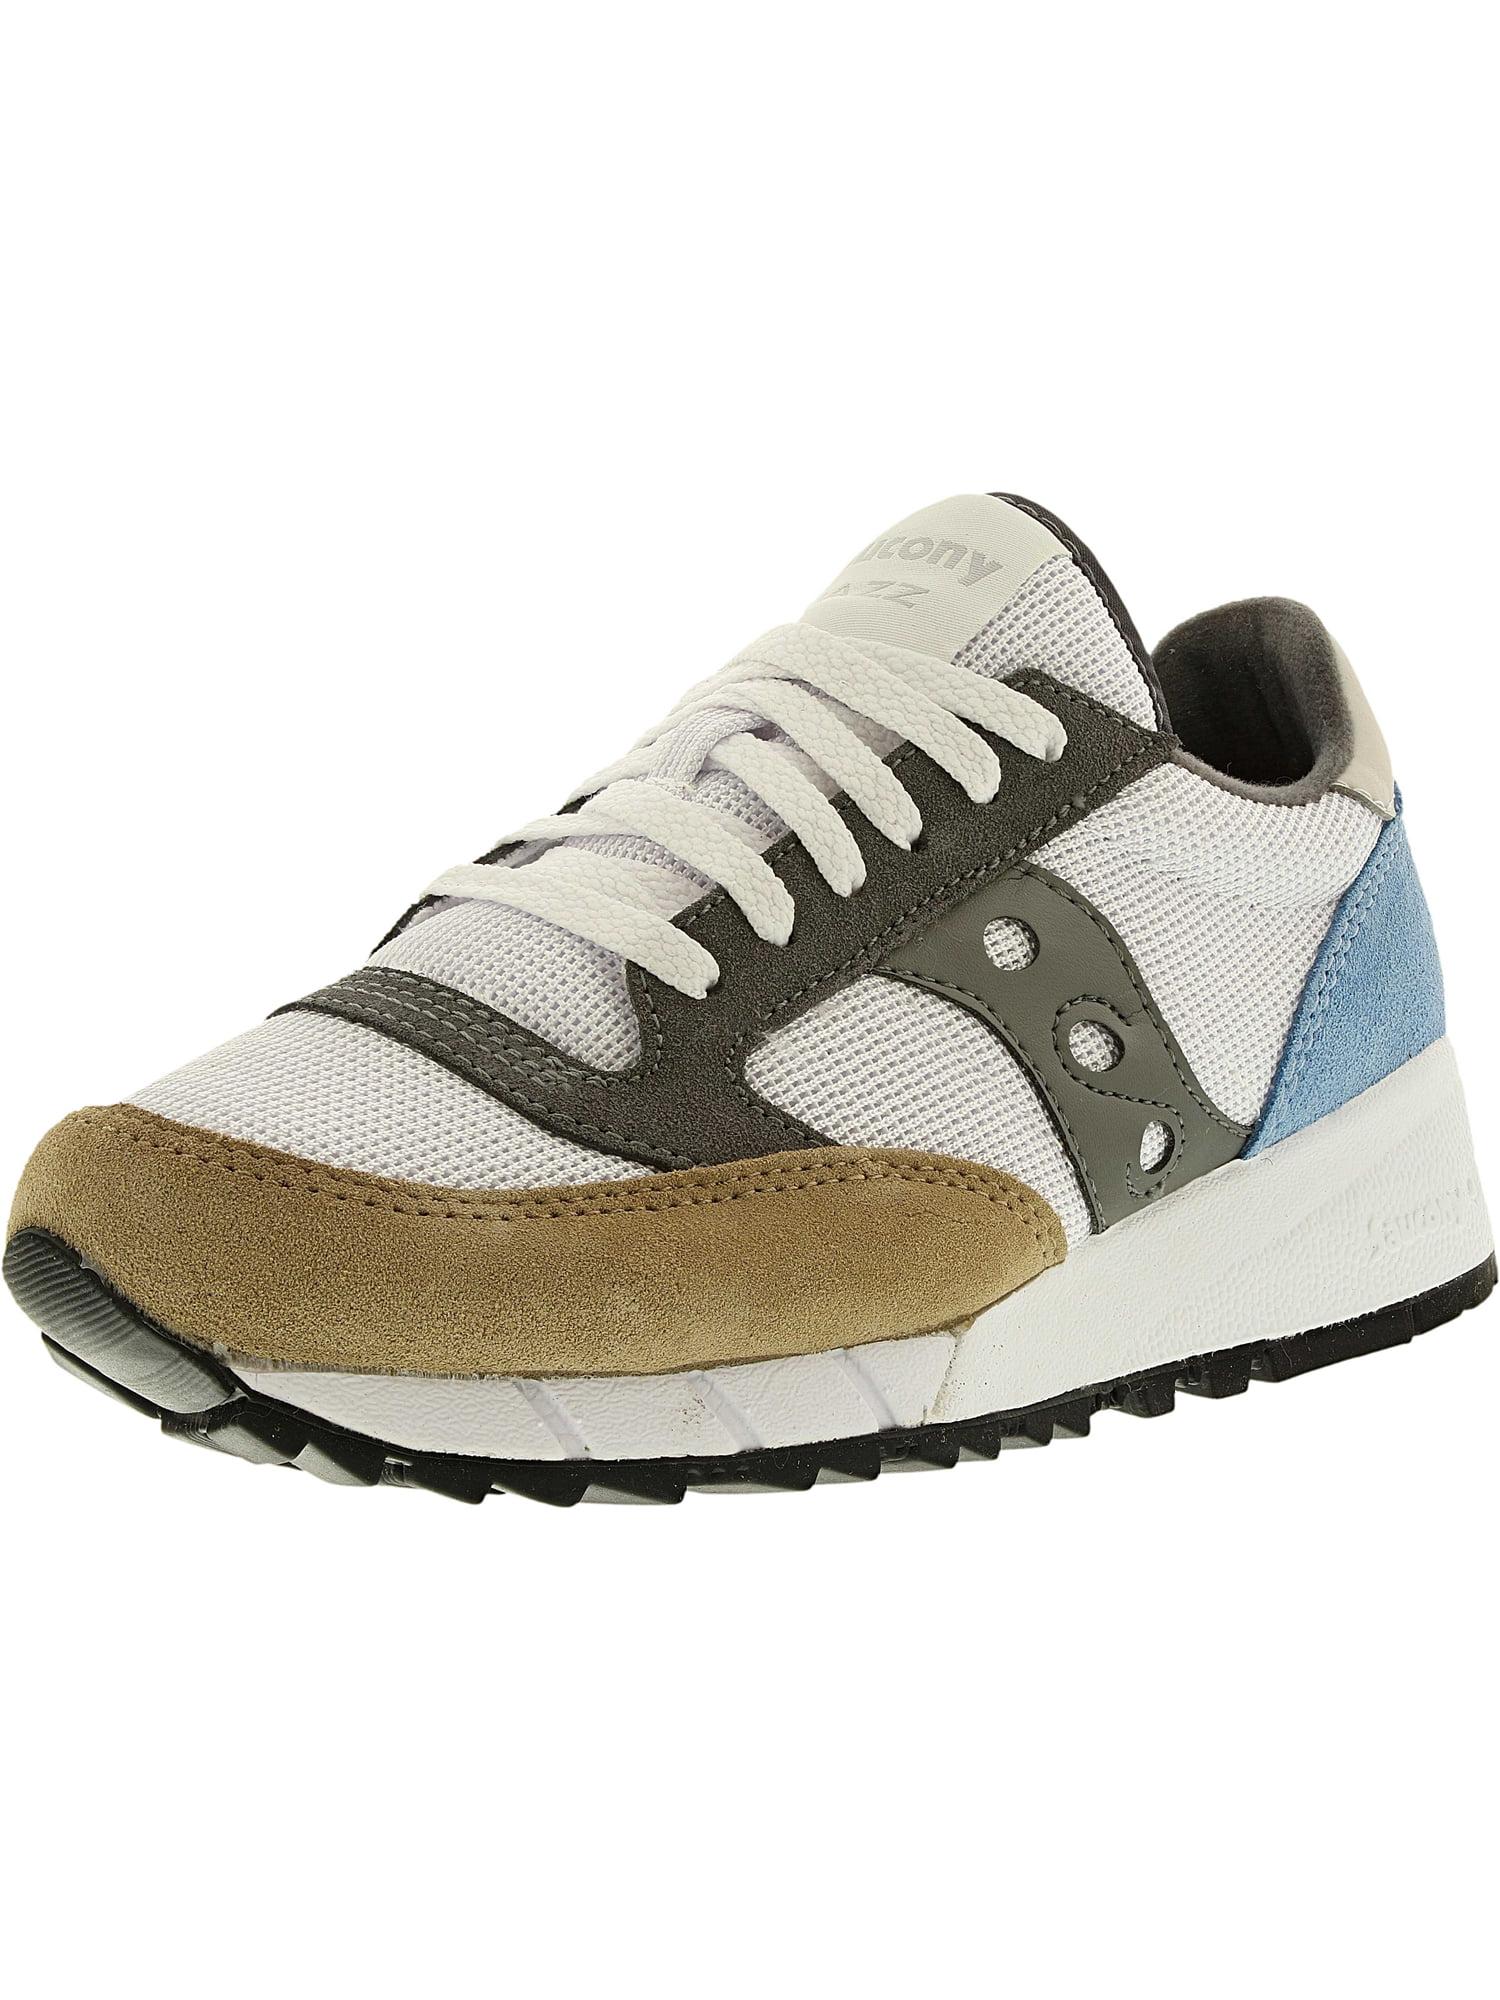 Saucony Men's Jazz 91 White/Tan/Blue Ankle-High Nylon Running Shoe - 5M